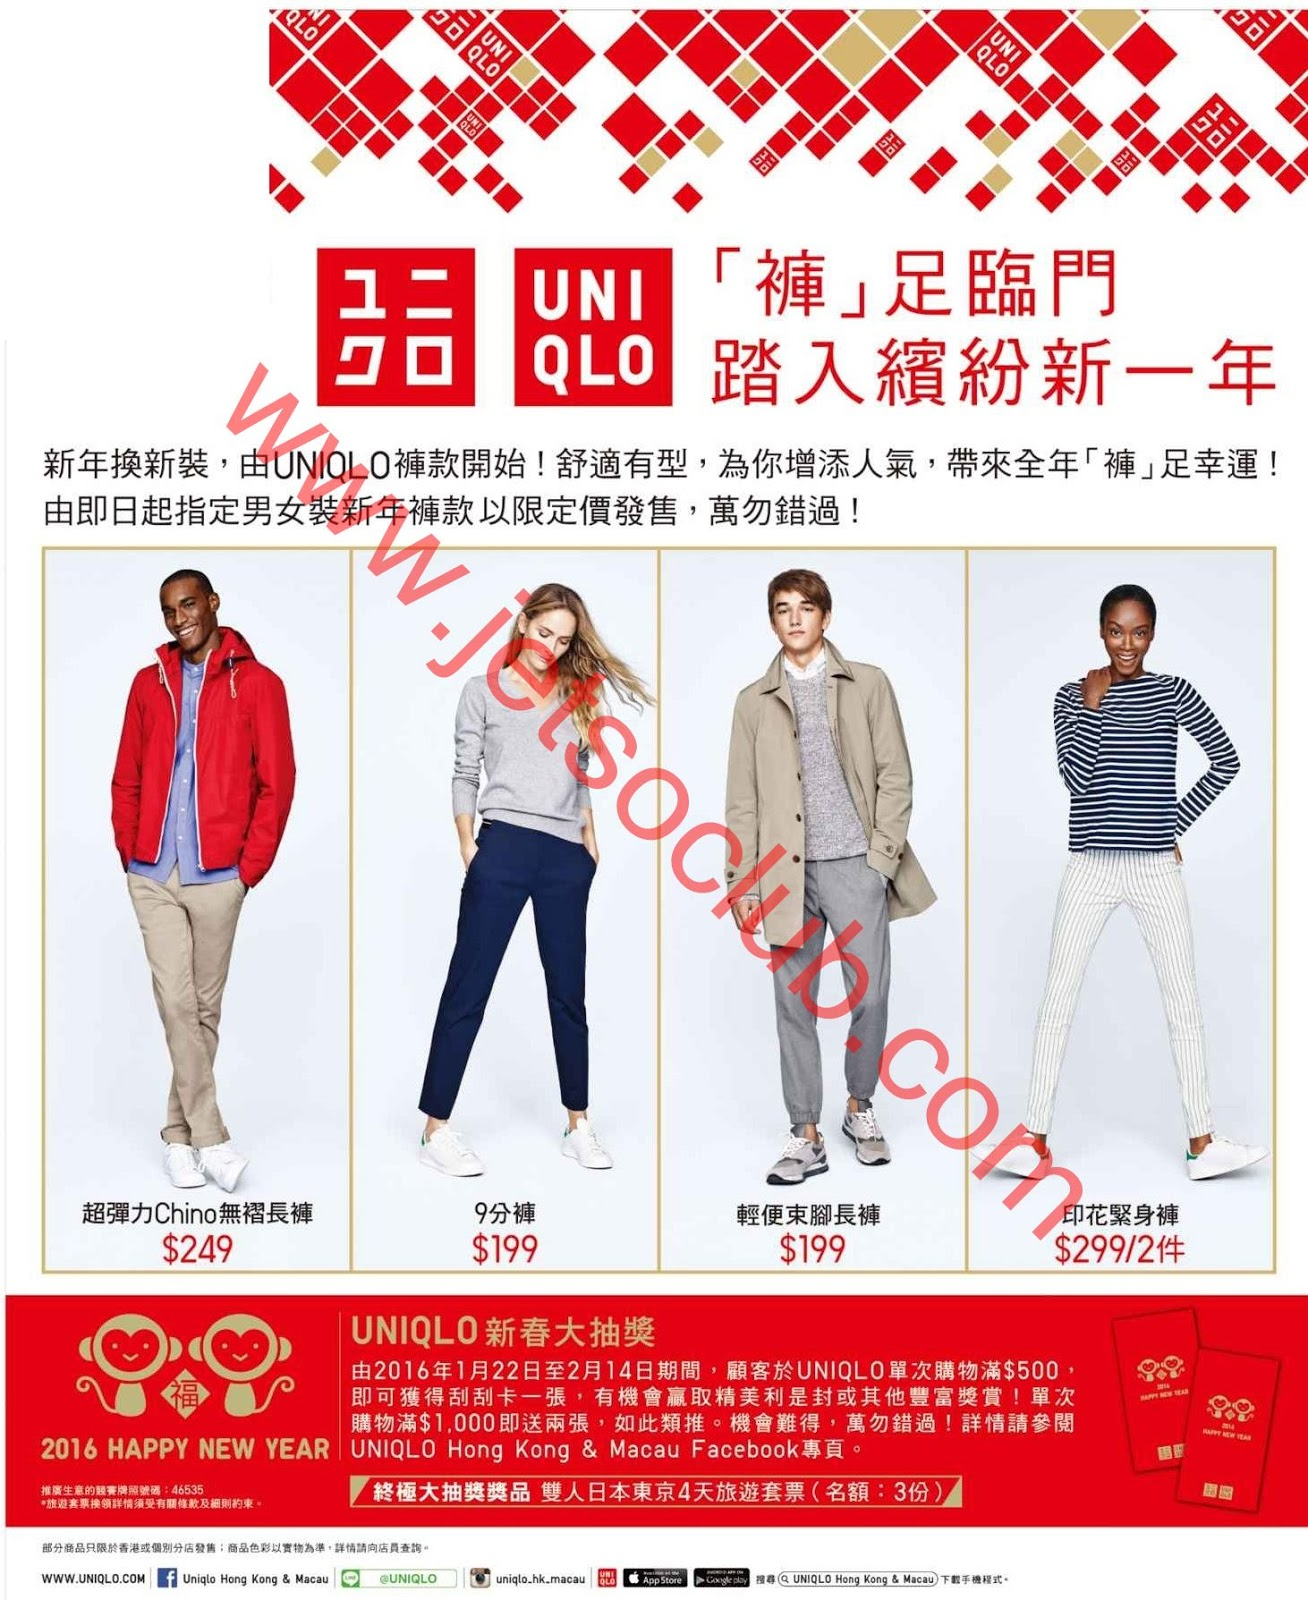 Uniqlo:指定男女裝新年褲款 限定價發售 / 新春大抽獎(22/1-14/2) ( Jetso Club 著數俱樂部 )